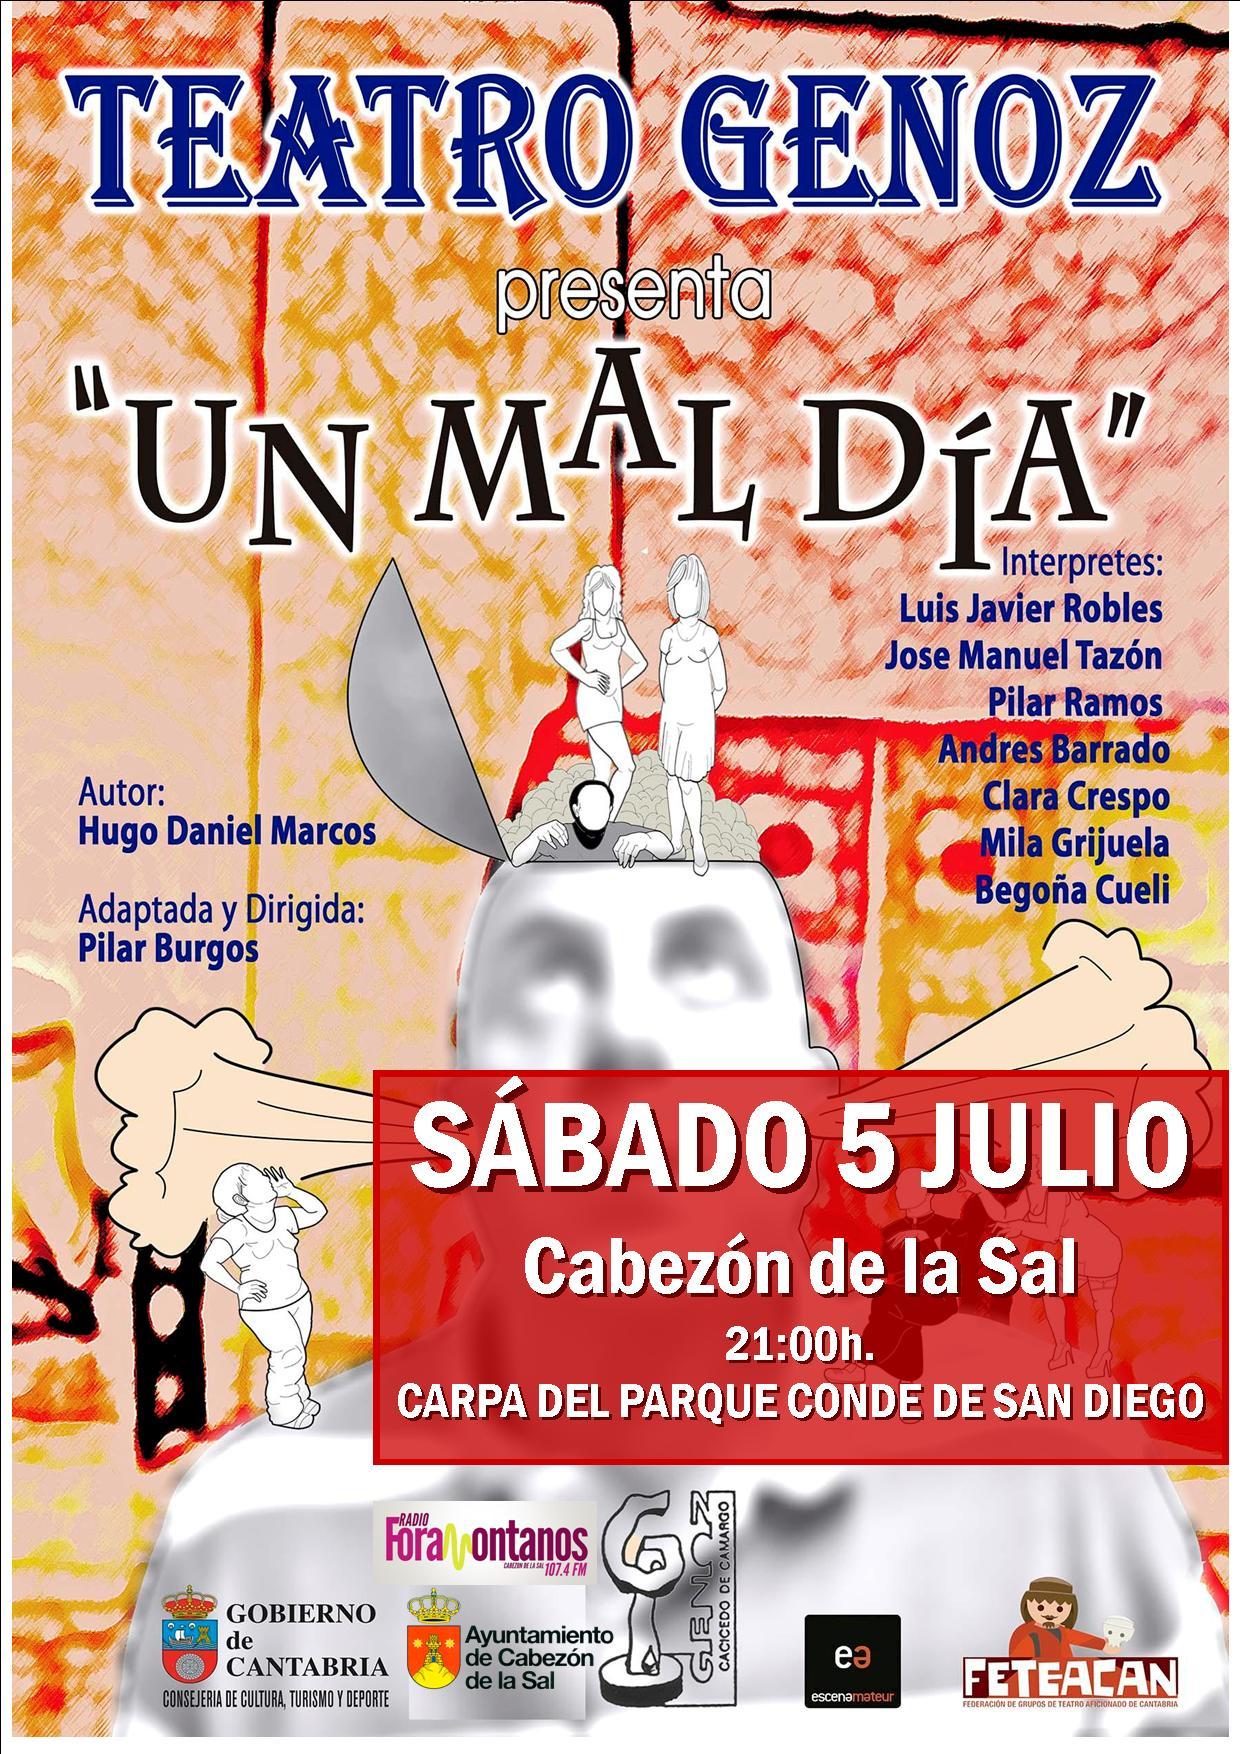 http://www.cabezondelasal.net/wp-content/uploads/2014/06/cartel-teatro-genoz.jpg